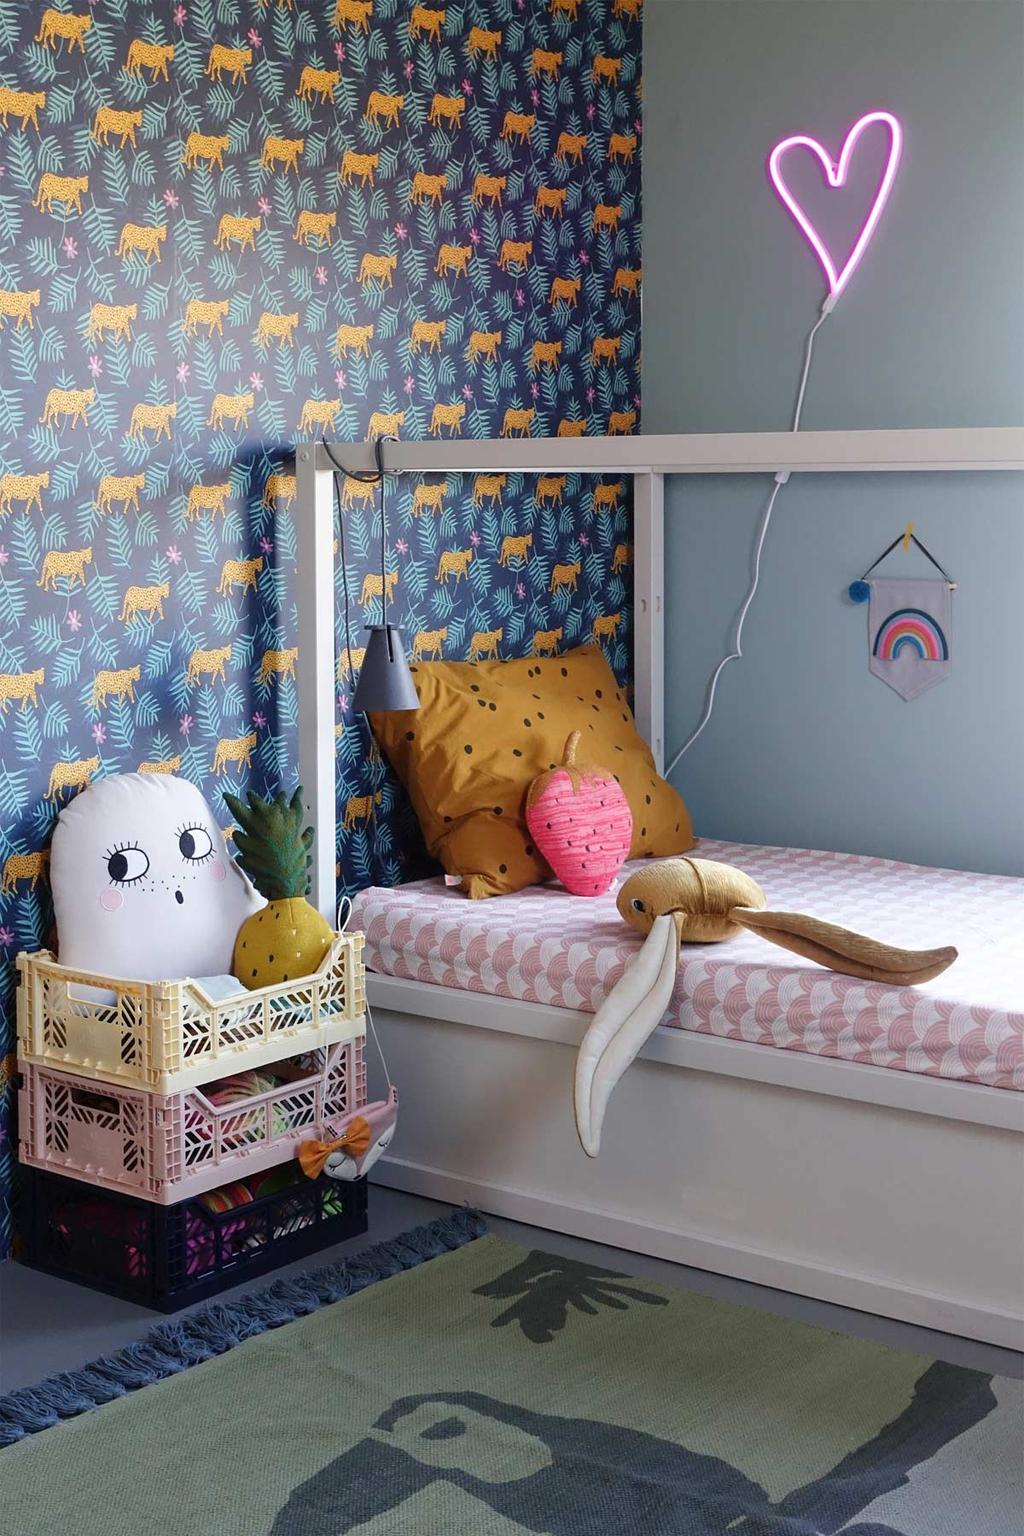 Behang op de kinderkamer met dierenprint